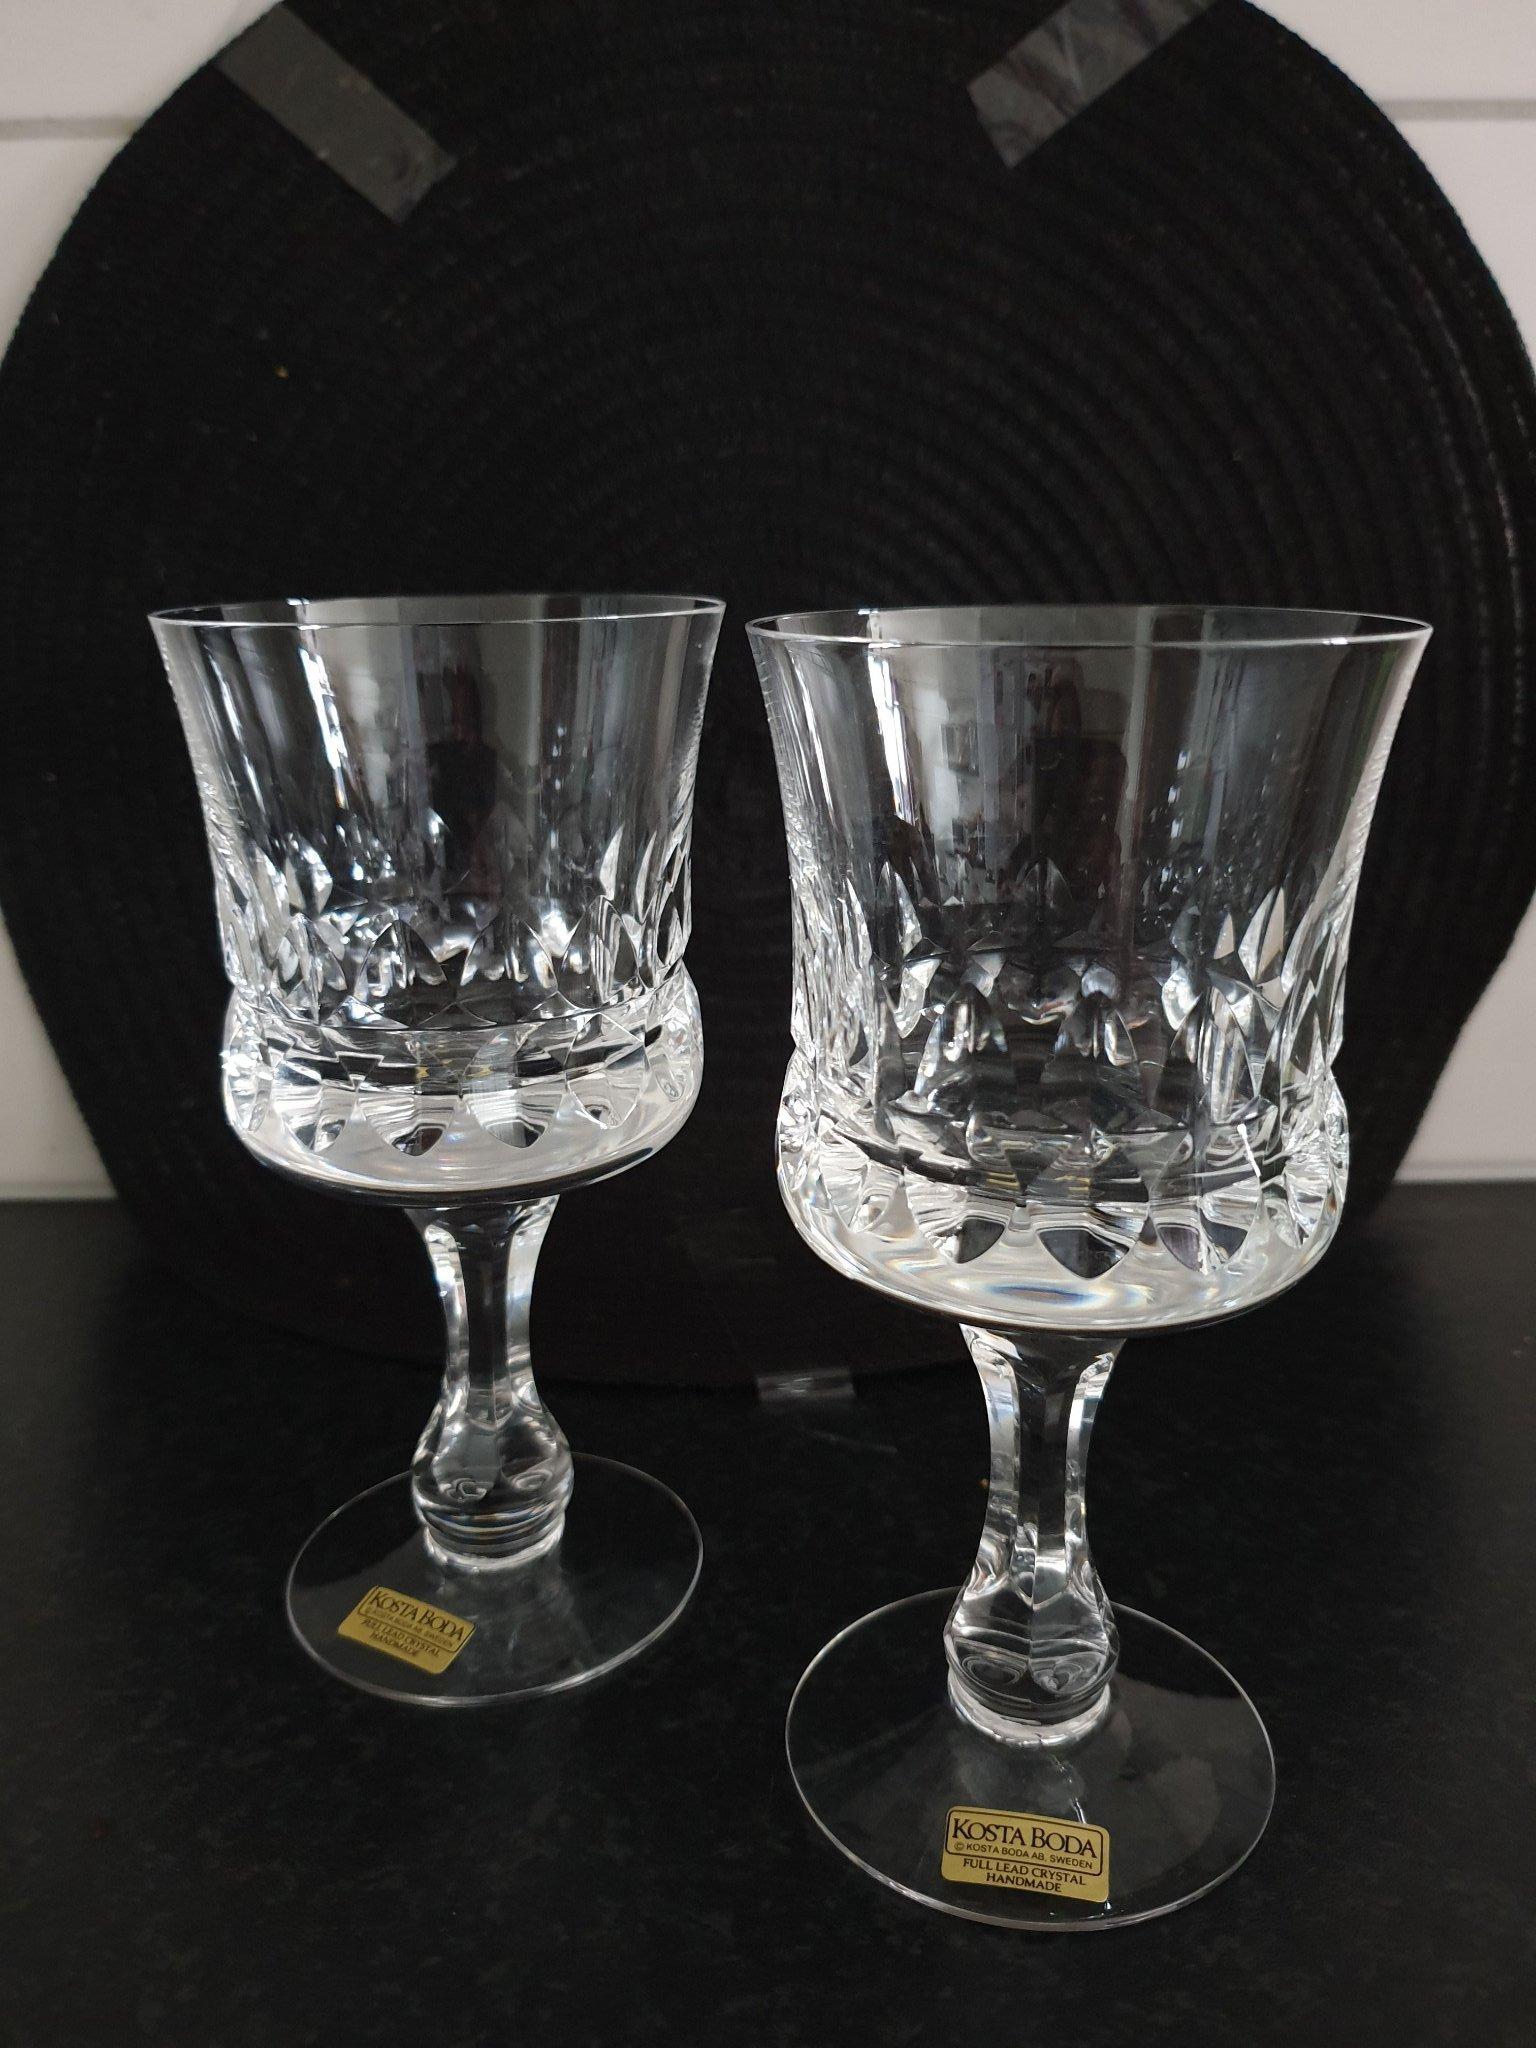 Smarte ressurser Kosta Boda vinglas (346281916) ᐈ Köp på Tradera VJ-93